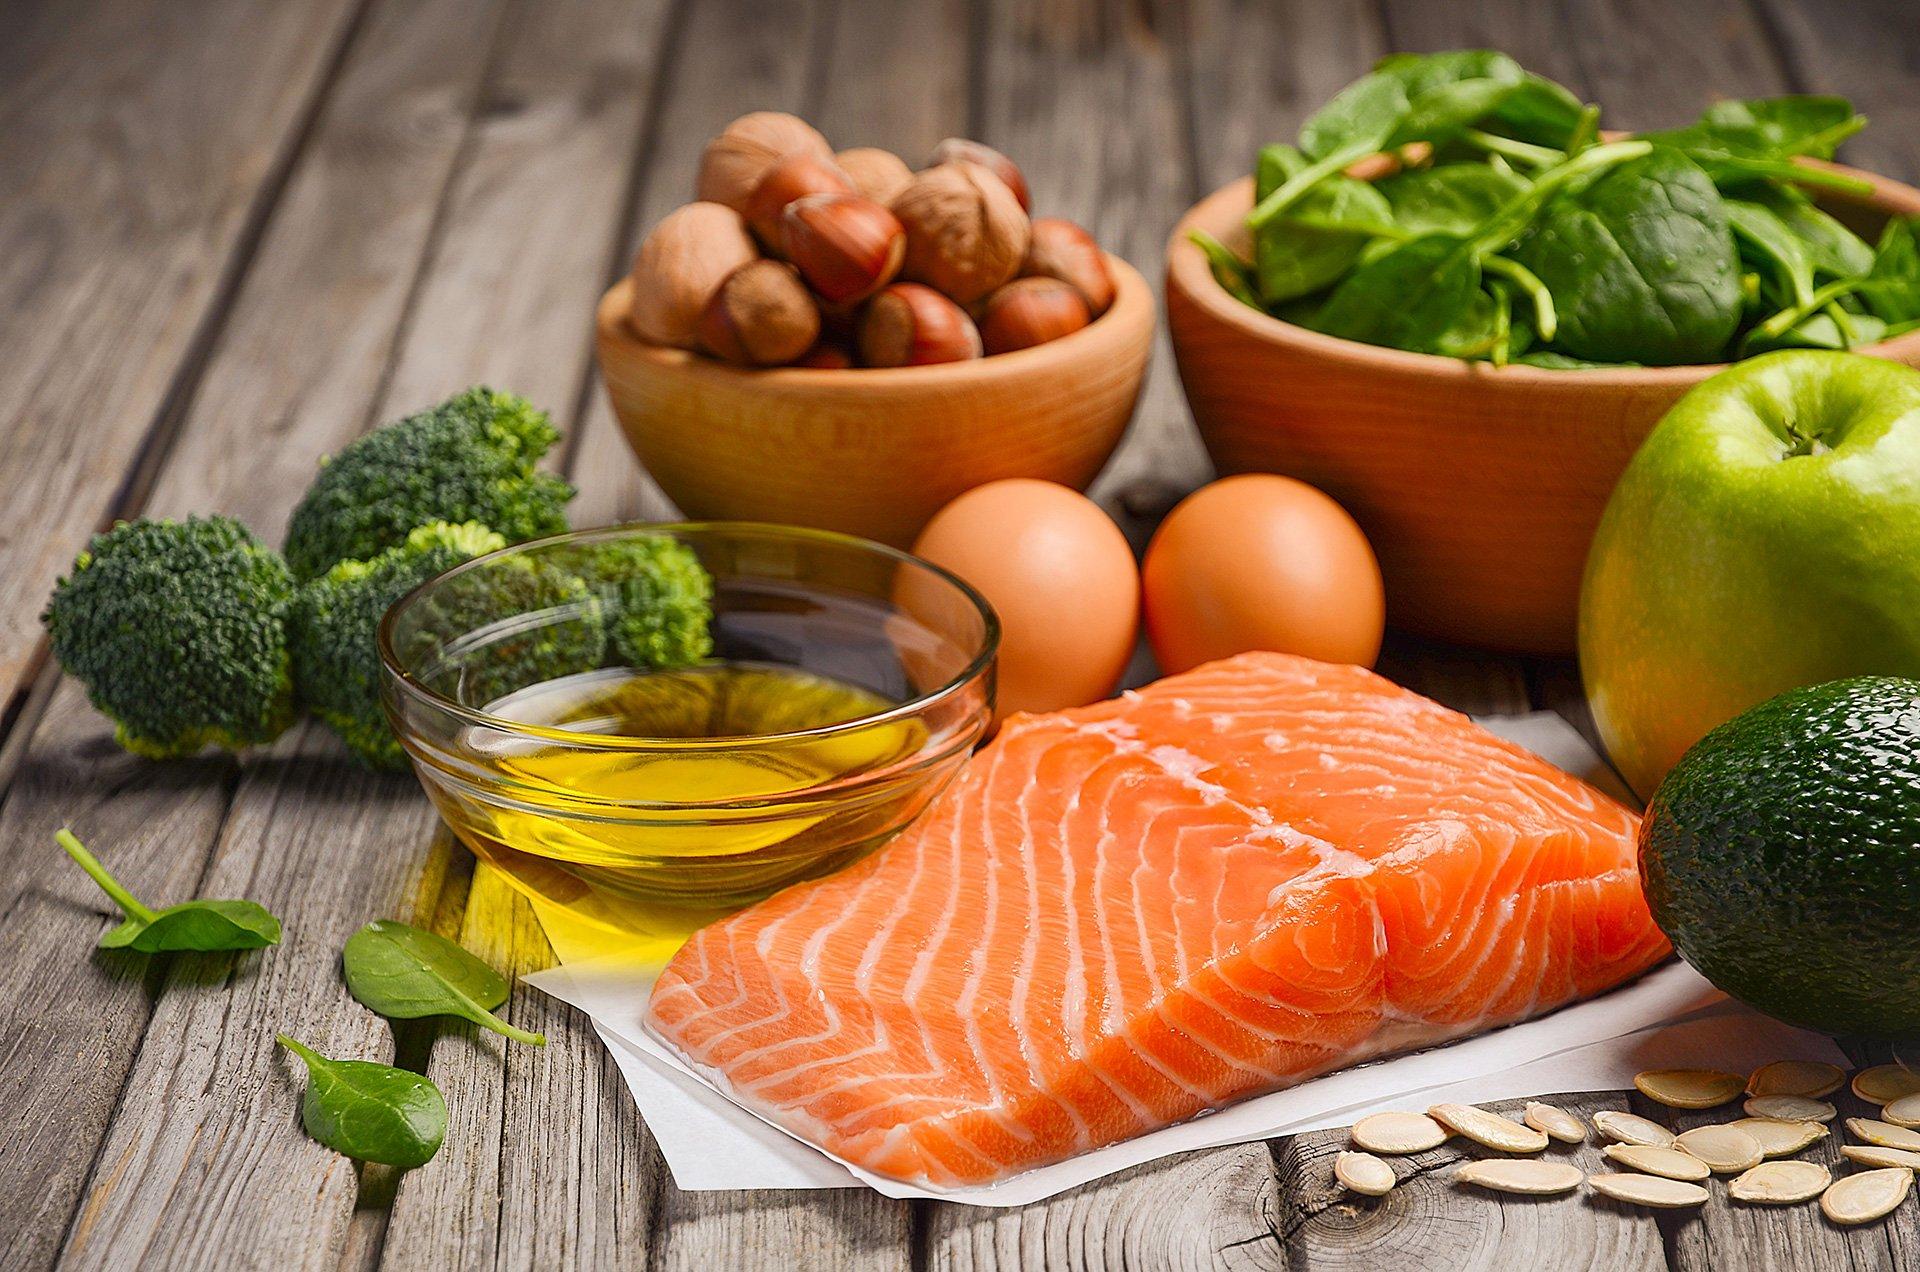 filetto di salmone,bacinella di olio, broccoli, 2 uova, nocciole del basilico una mela verde e un avocado